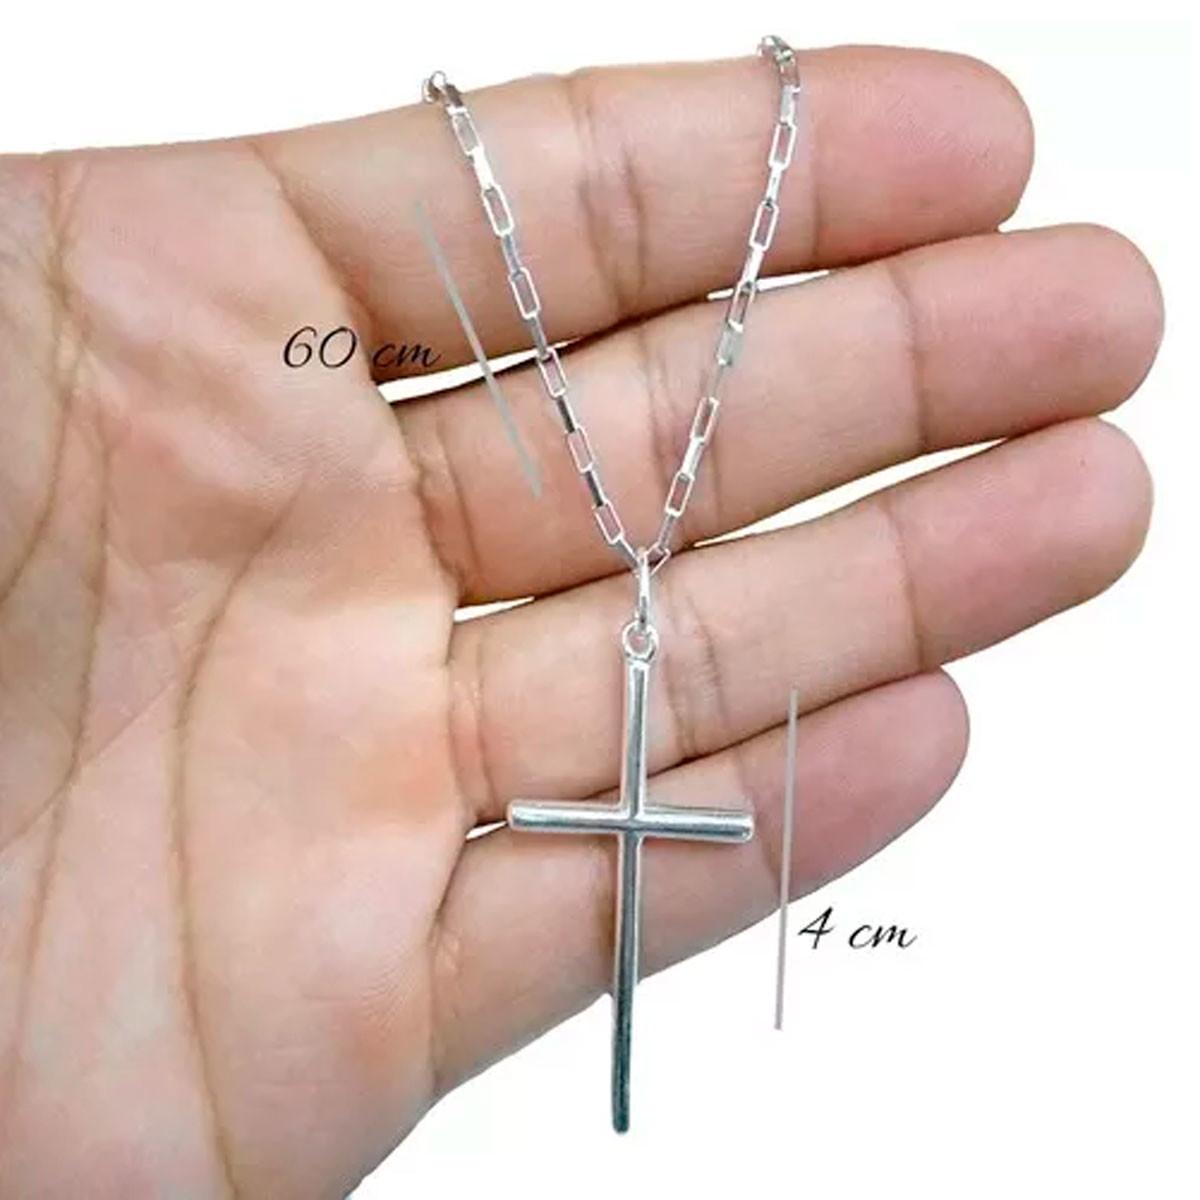 557465d79509 Corrente Cordão Prata 925 Cartier 60cm